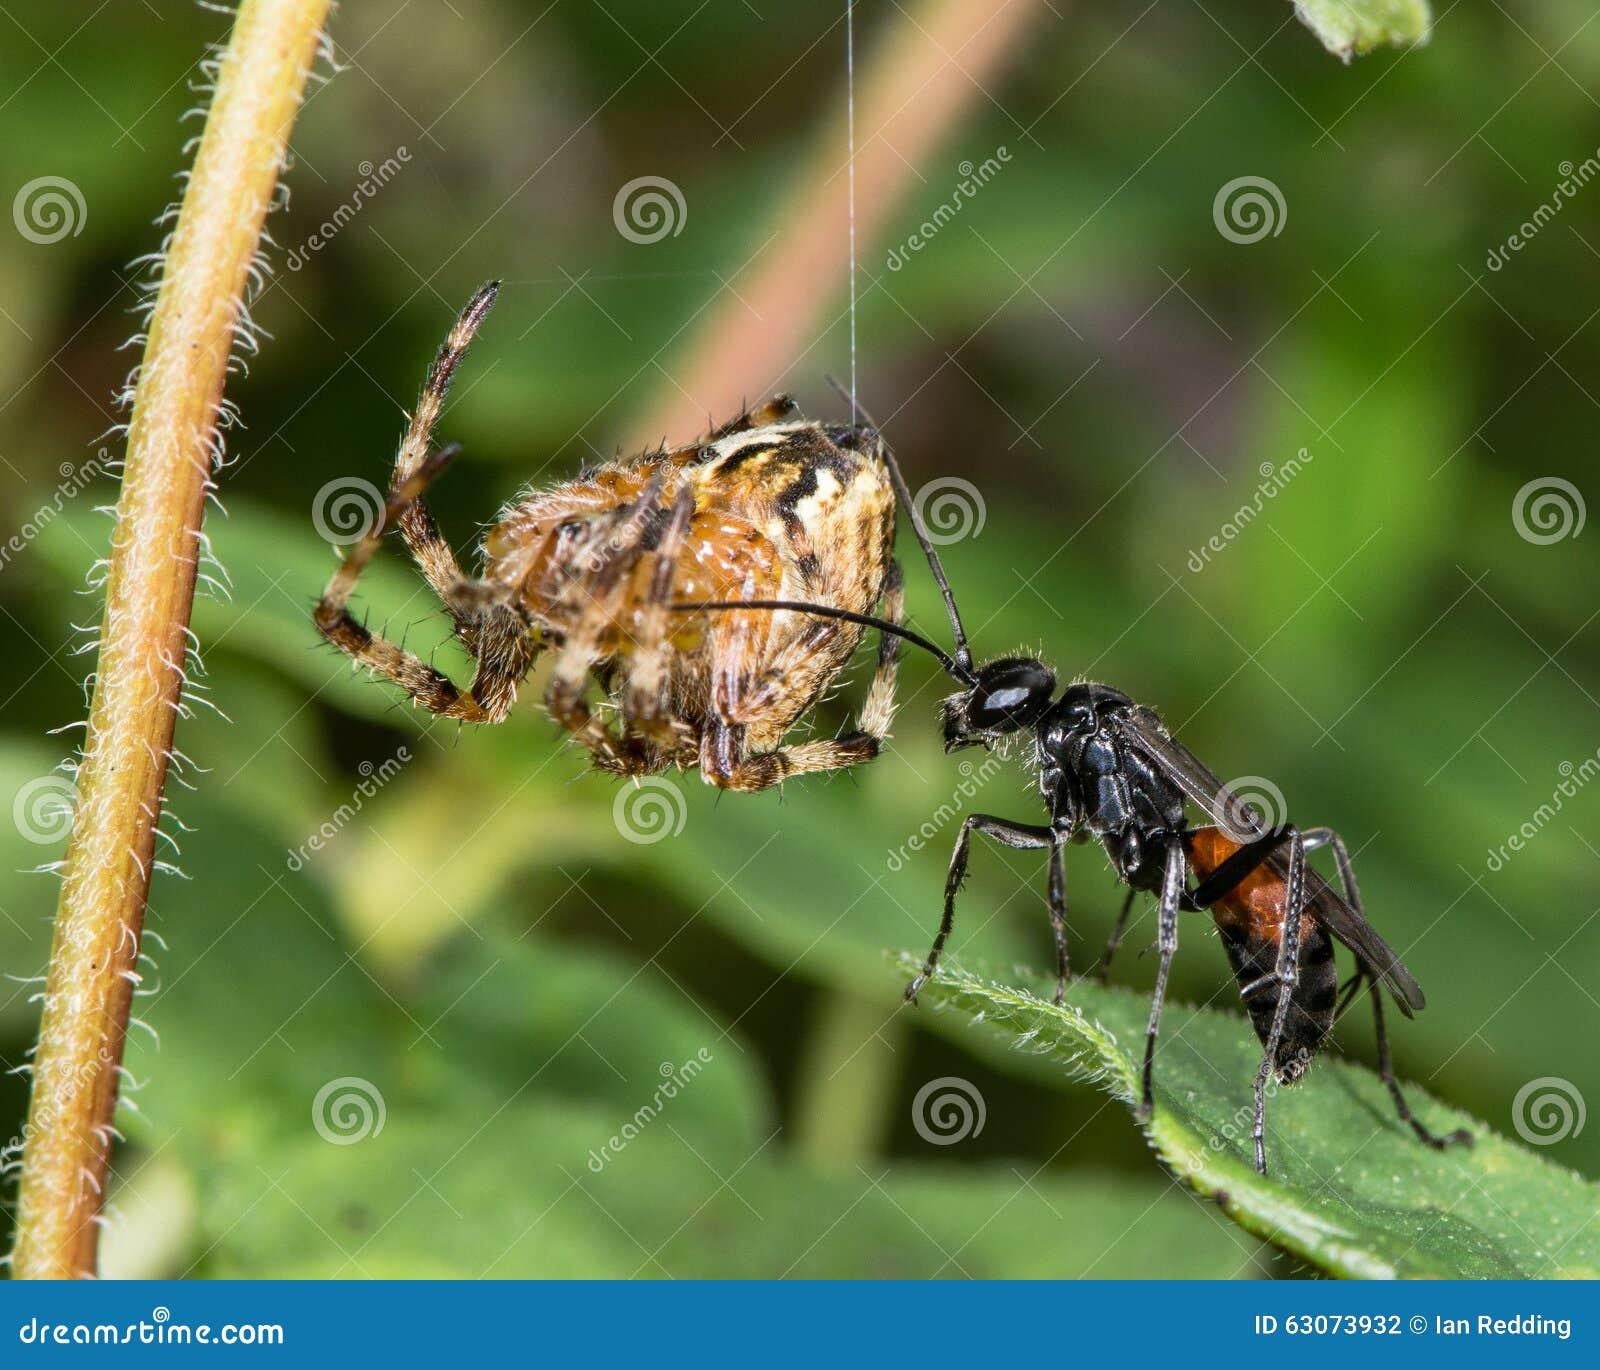 蜘蛛狩猎黄蜂与垂悬在丝绸螺纹的被麻痹的蜘蛛牺牲者的Priocnemis exaltata